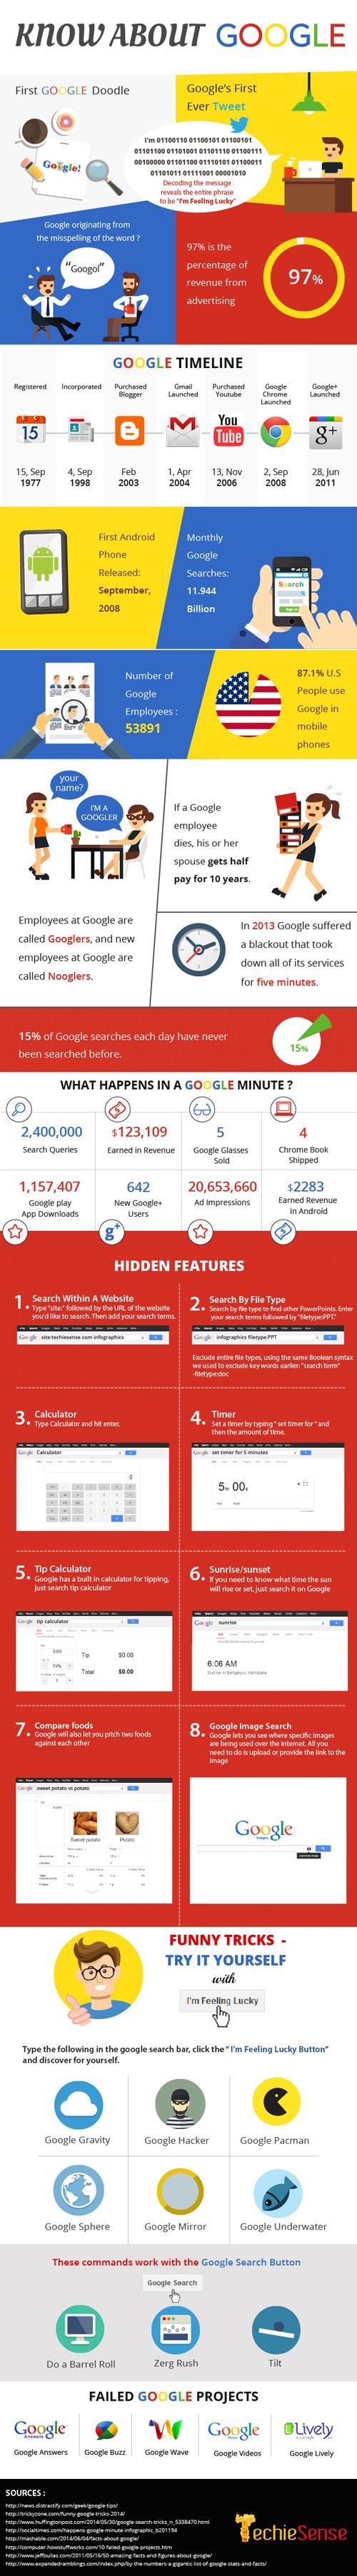 Google hakkında her şey bu infografikte